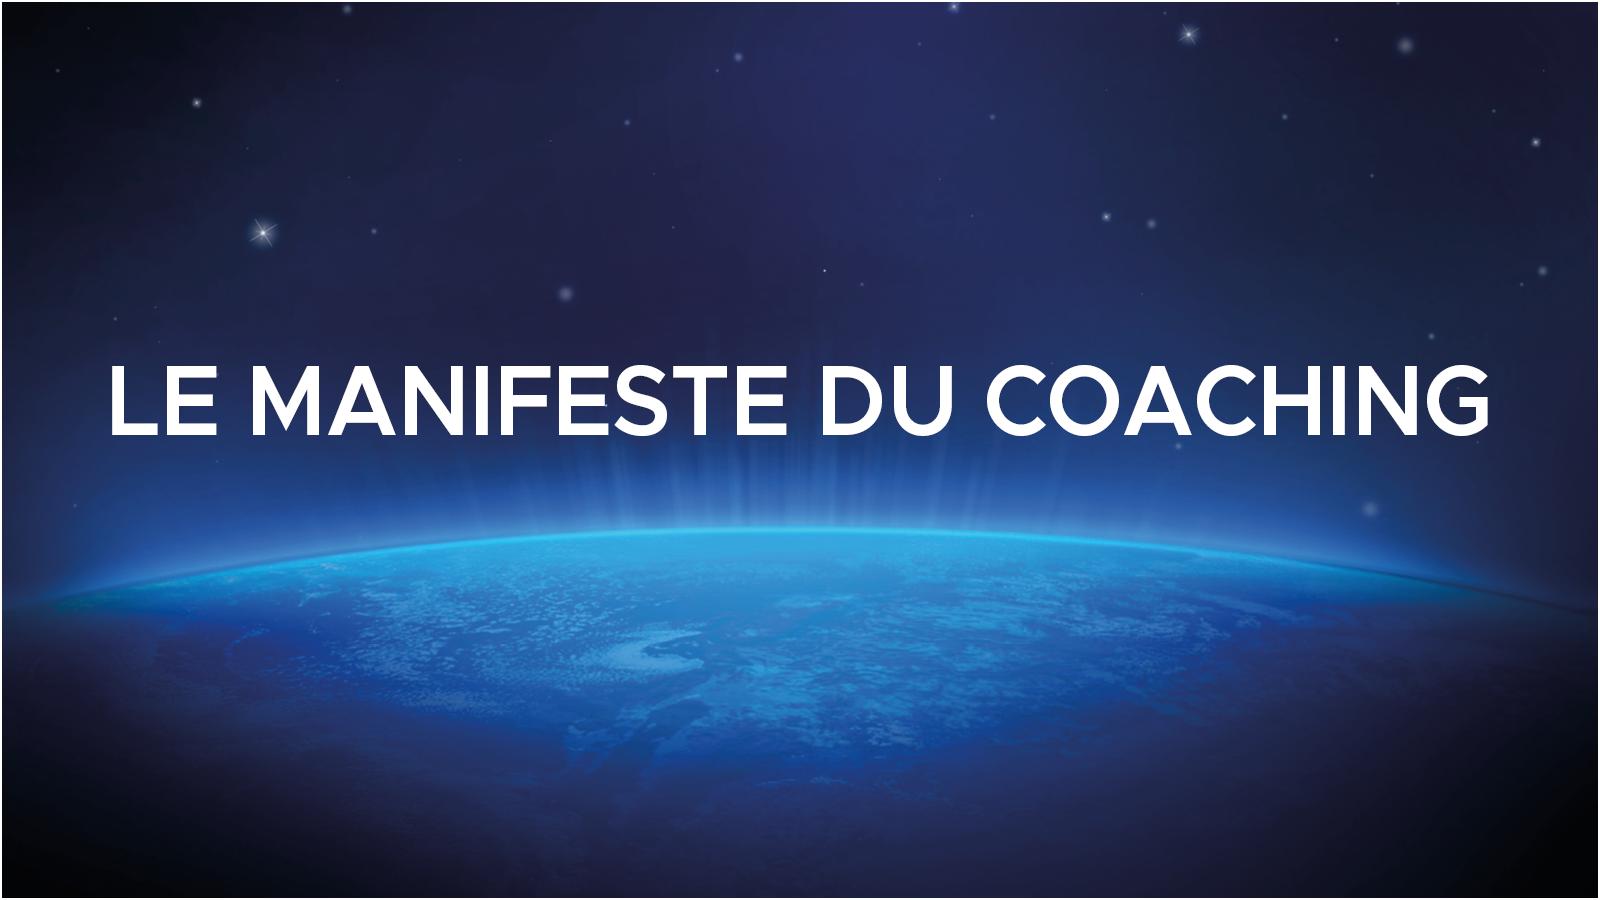 Le Manifeste du coaching